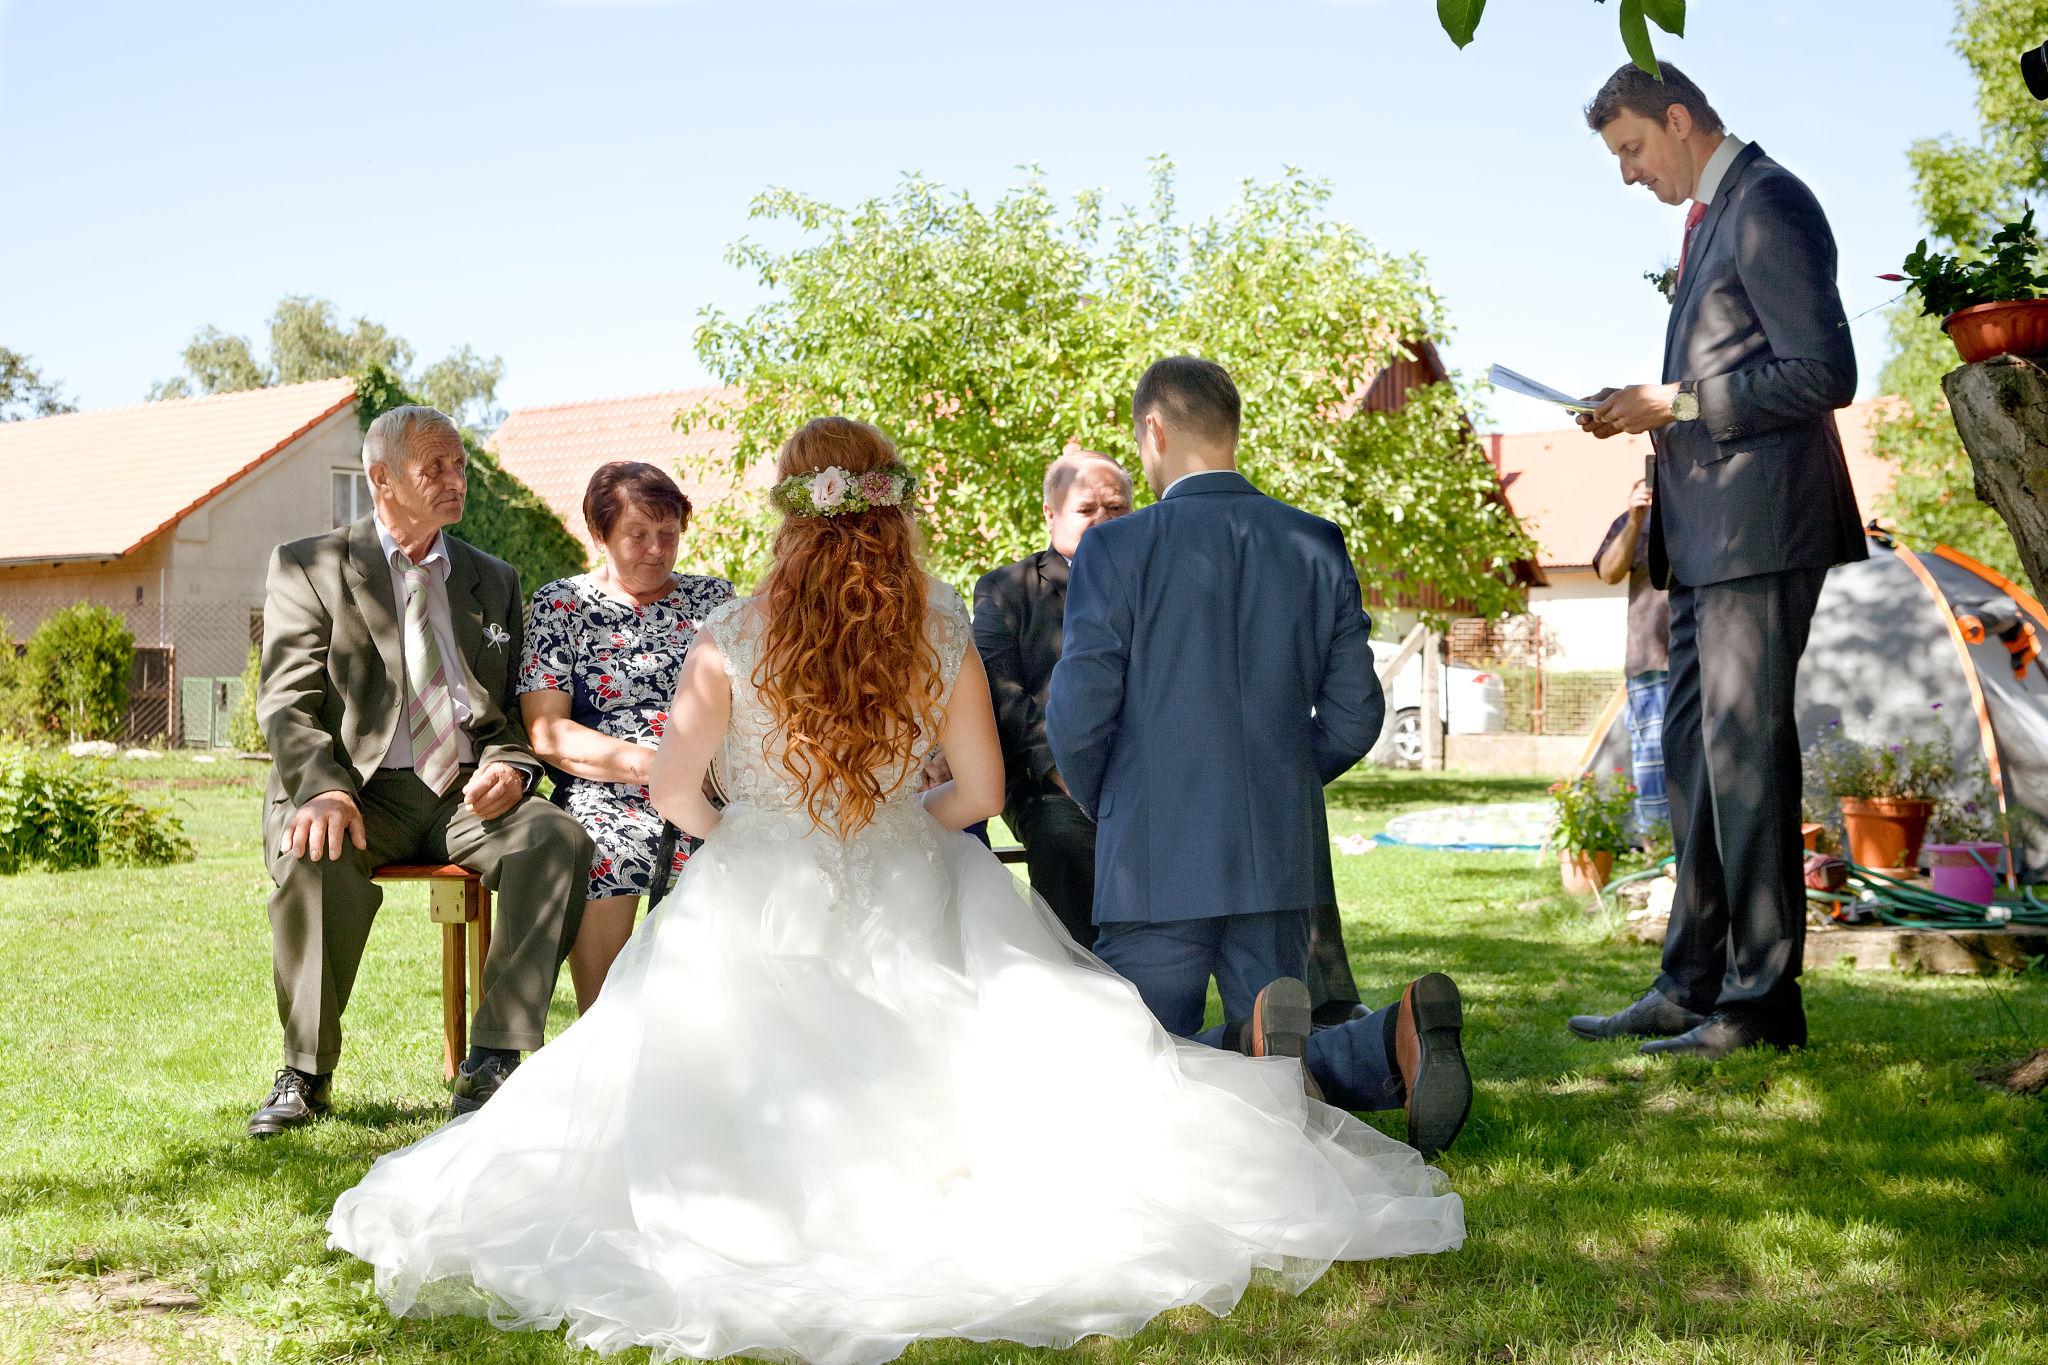 Církevní svatba, fotograf Břetislav Válek